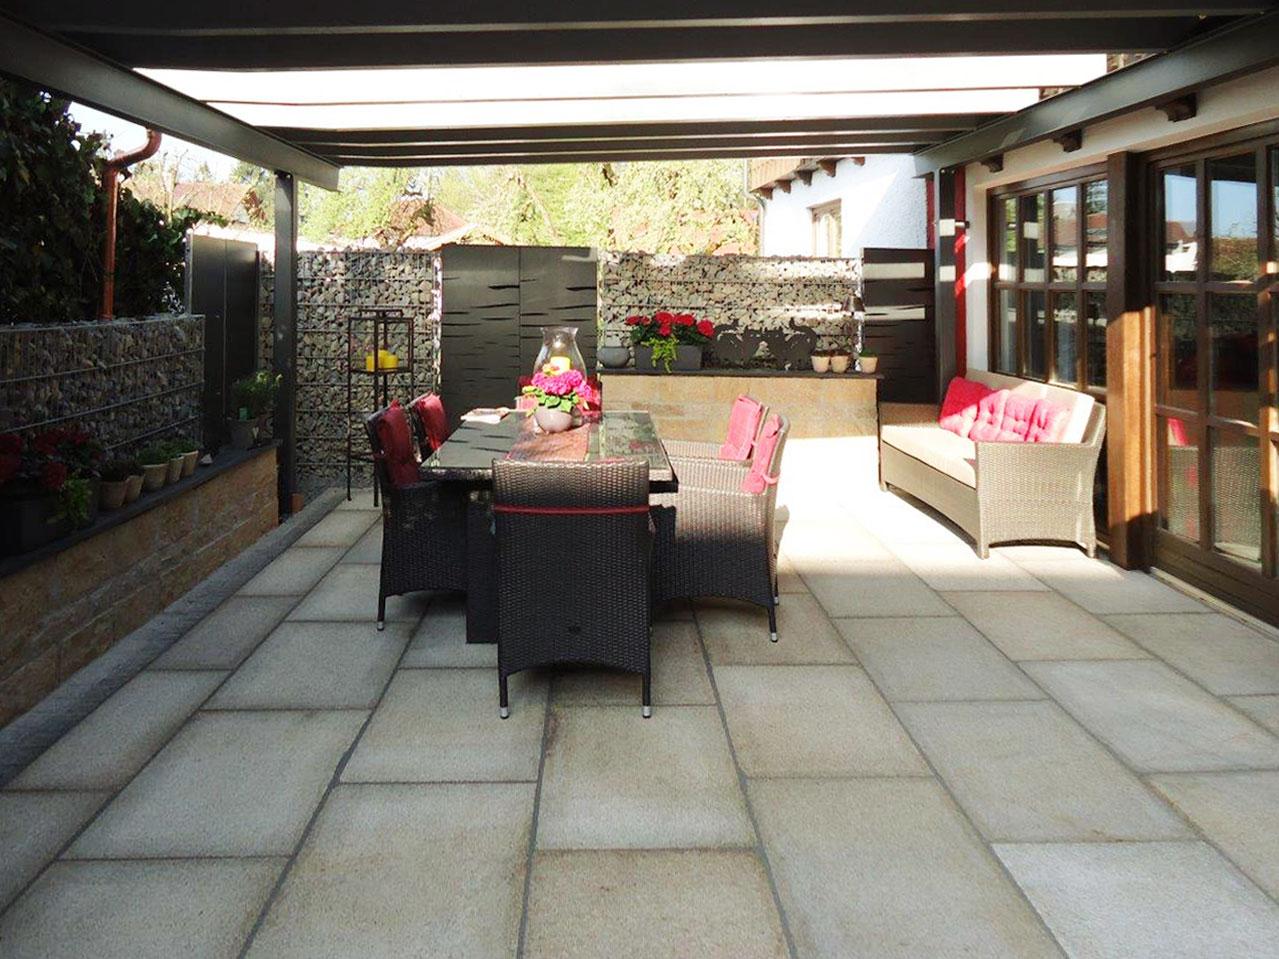 terrasse seite 2 bruckmeier garten und landschaftsbau. Black Bedroom Furniture Sets. Home Design Ideas